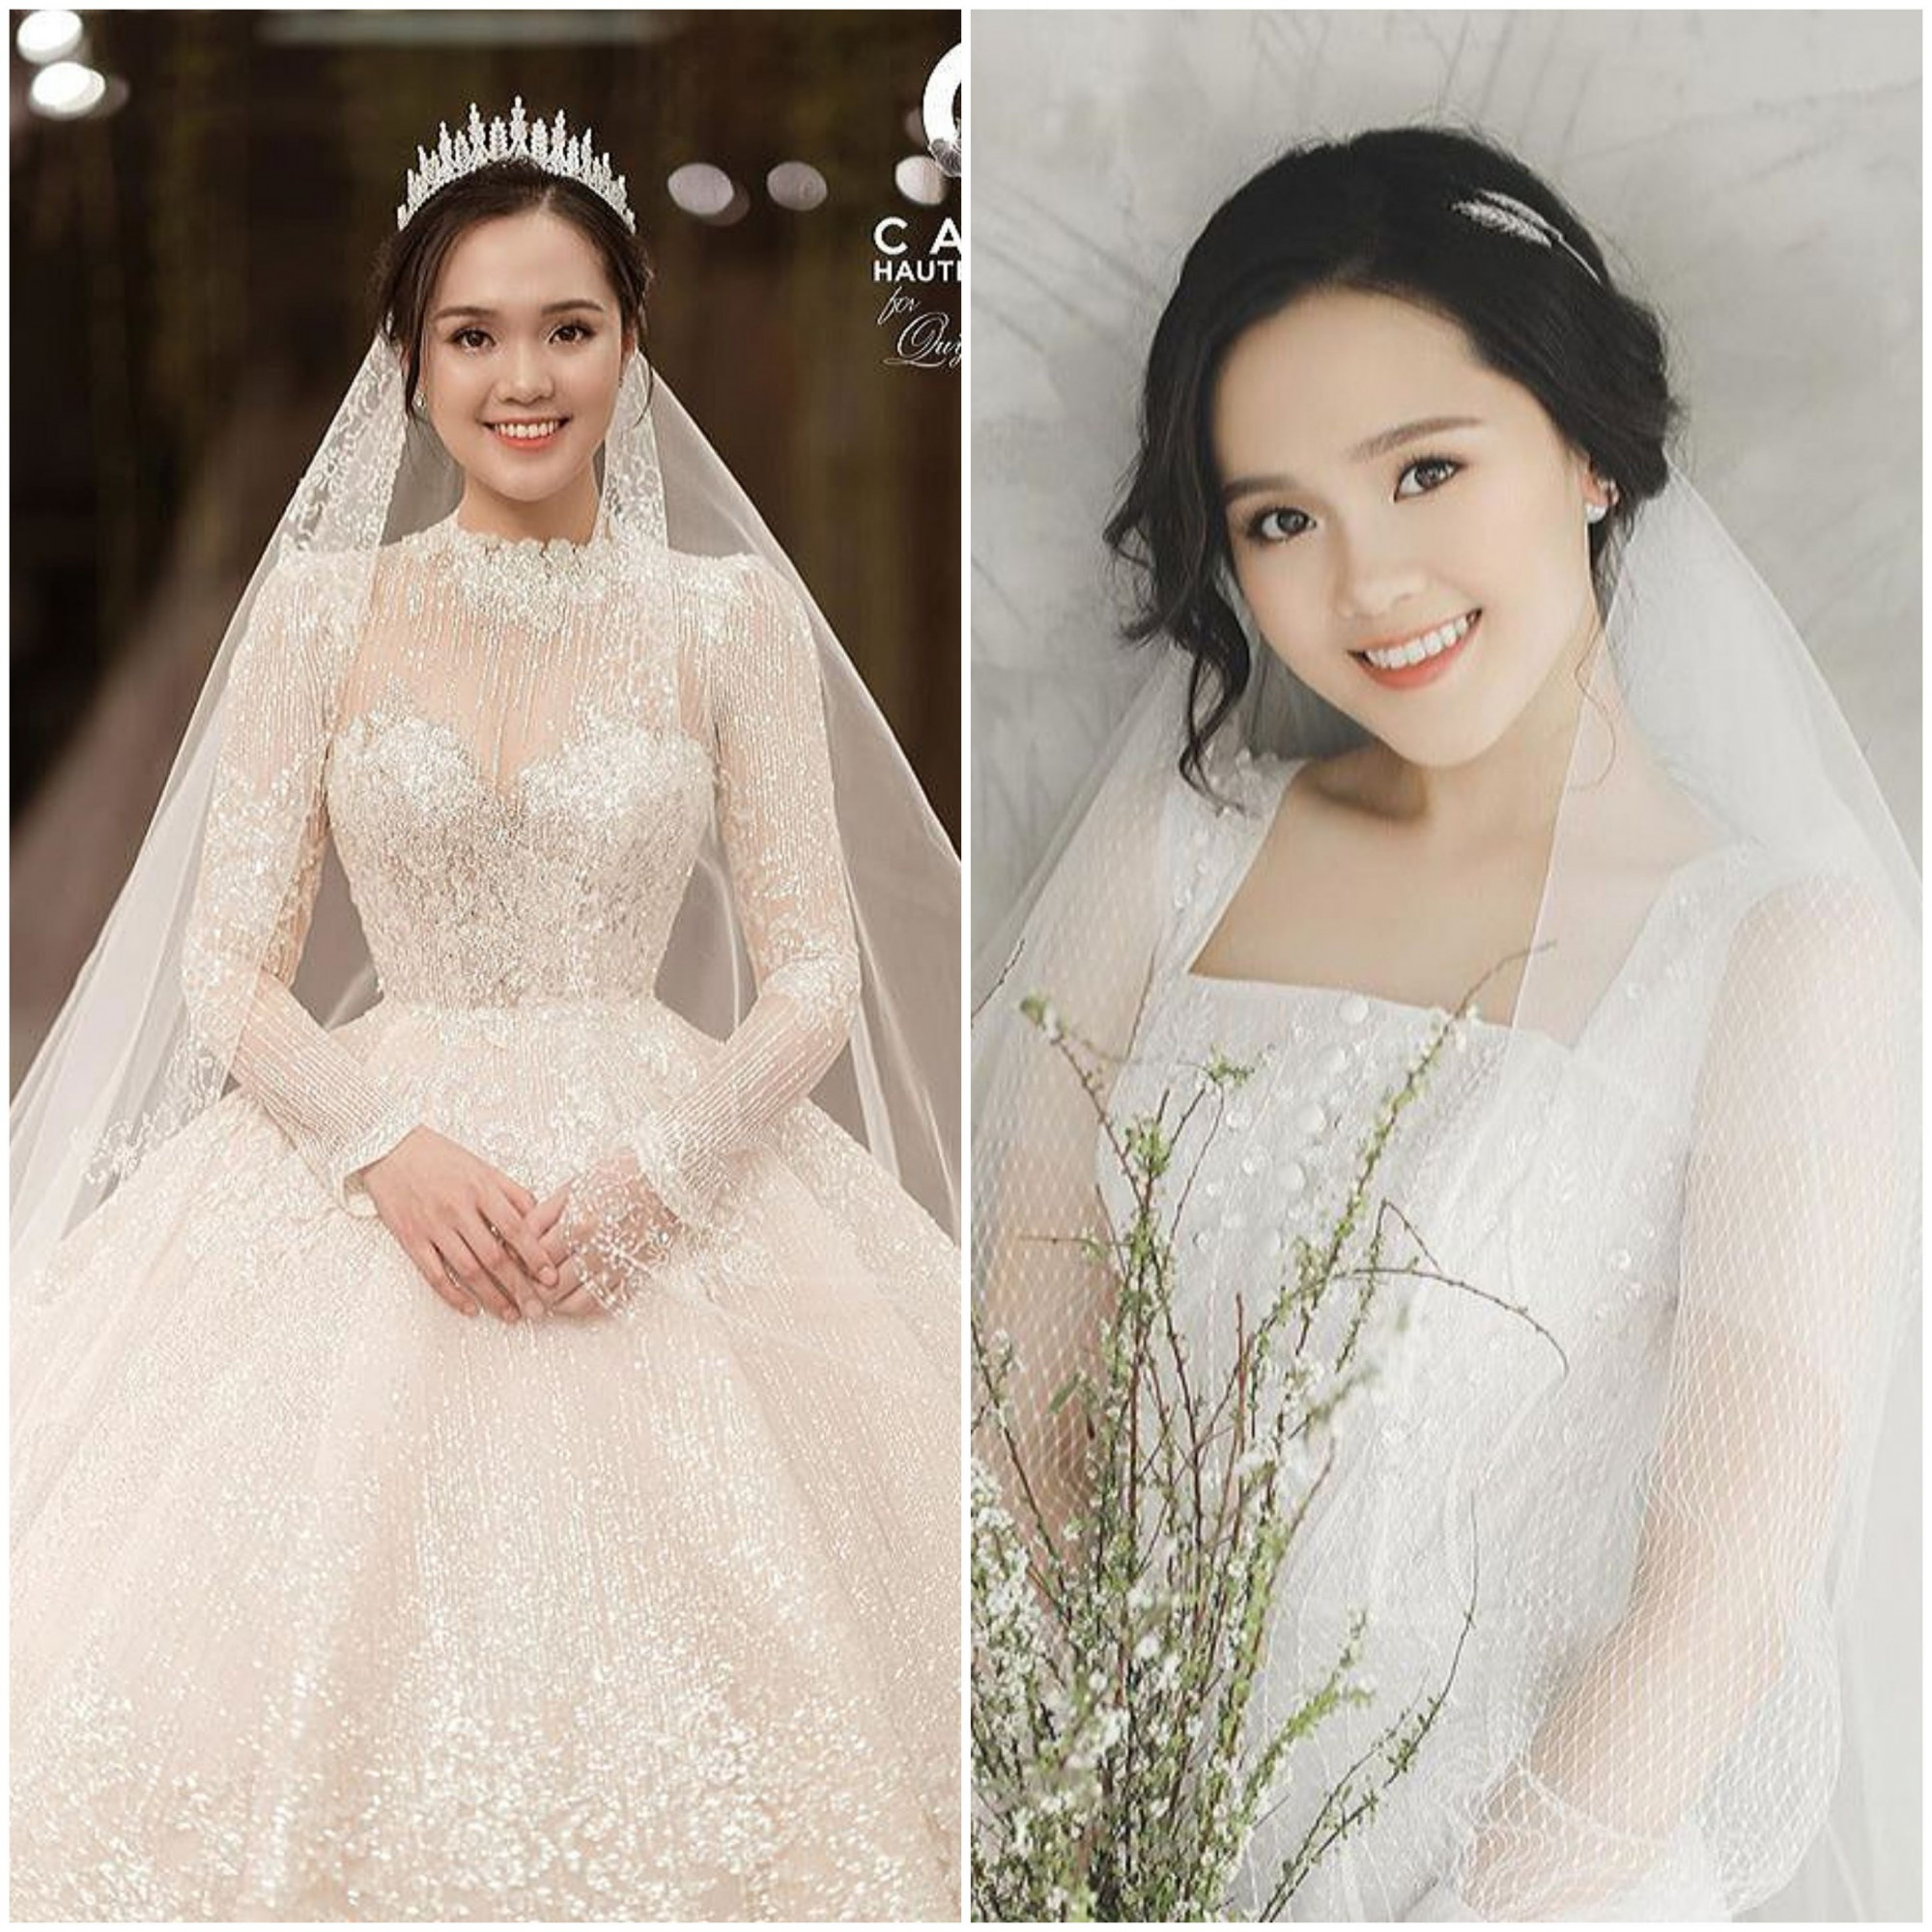 Thiết kế cầu kỳ được Quỳnh Anh diện trong tiệc cưới.